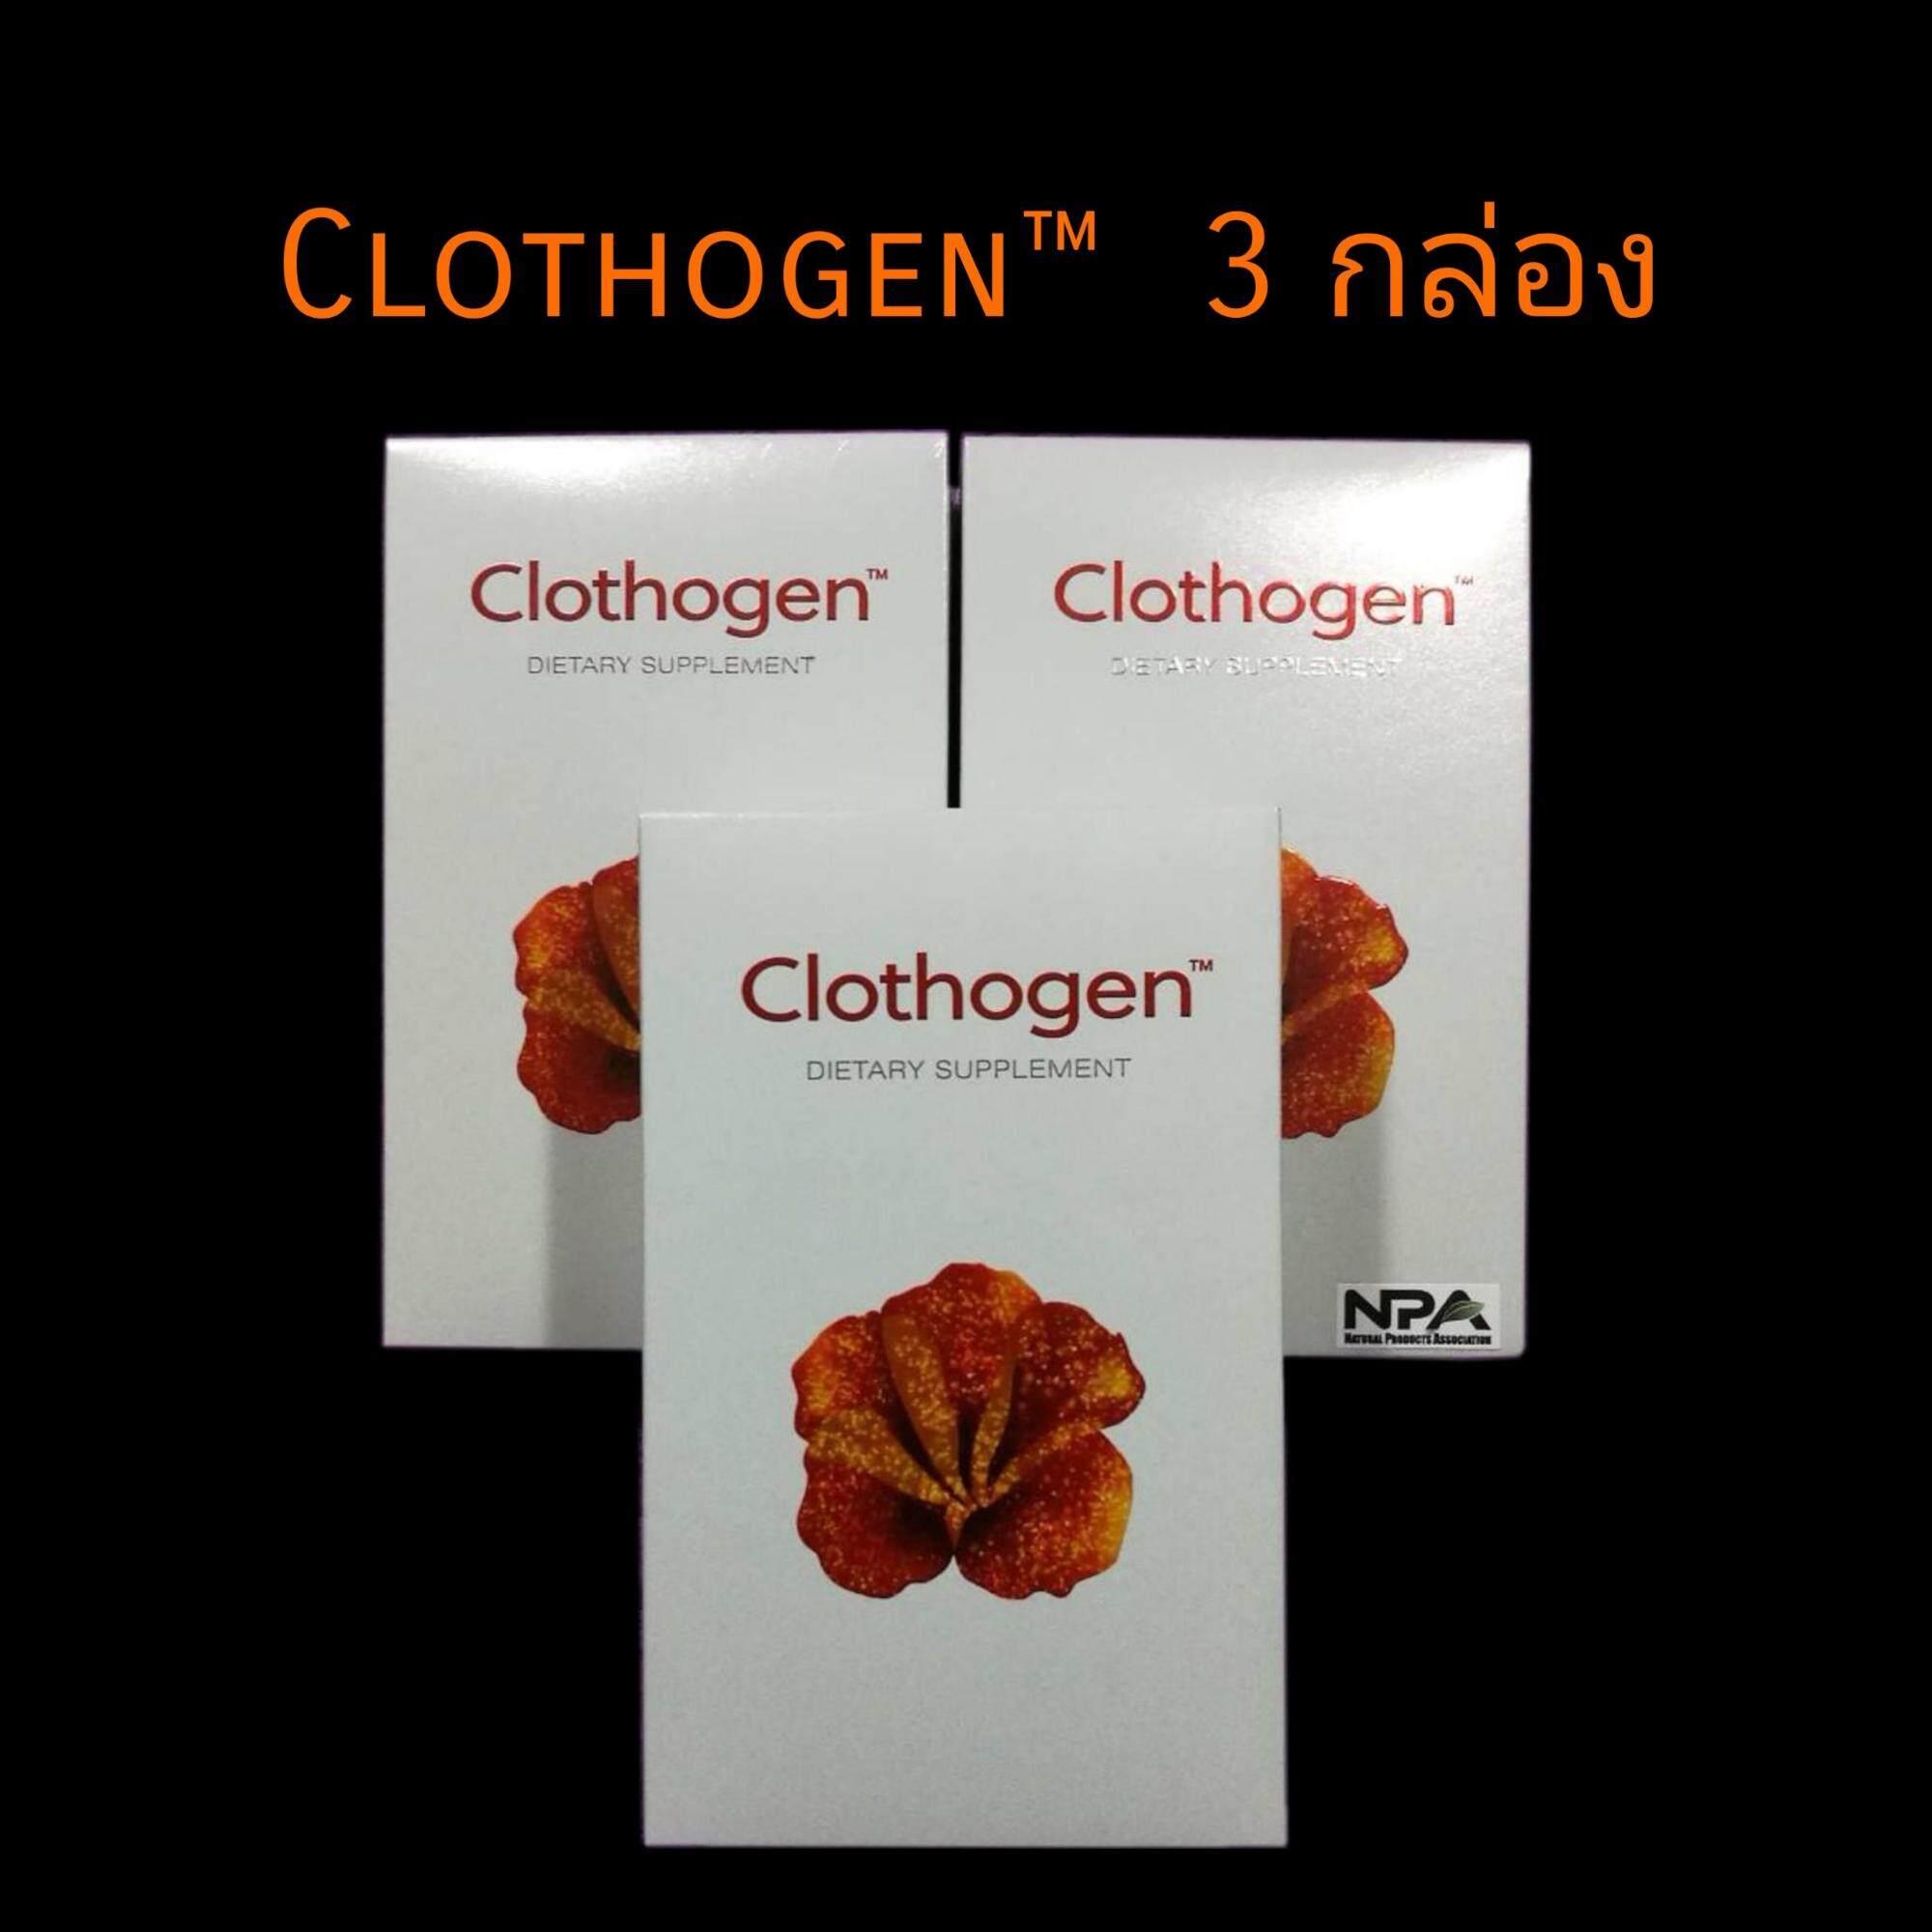 Clothogen GreenWay 3กล่อง อาหารเสริมกรีนเวย์ สำหรับระบบภายในผู้หญิง